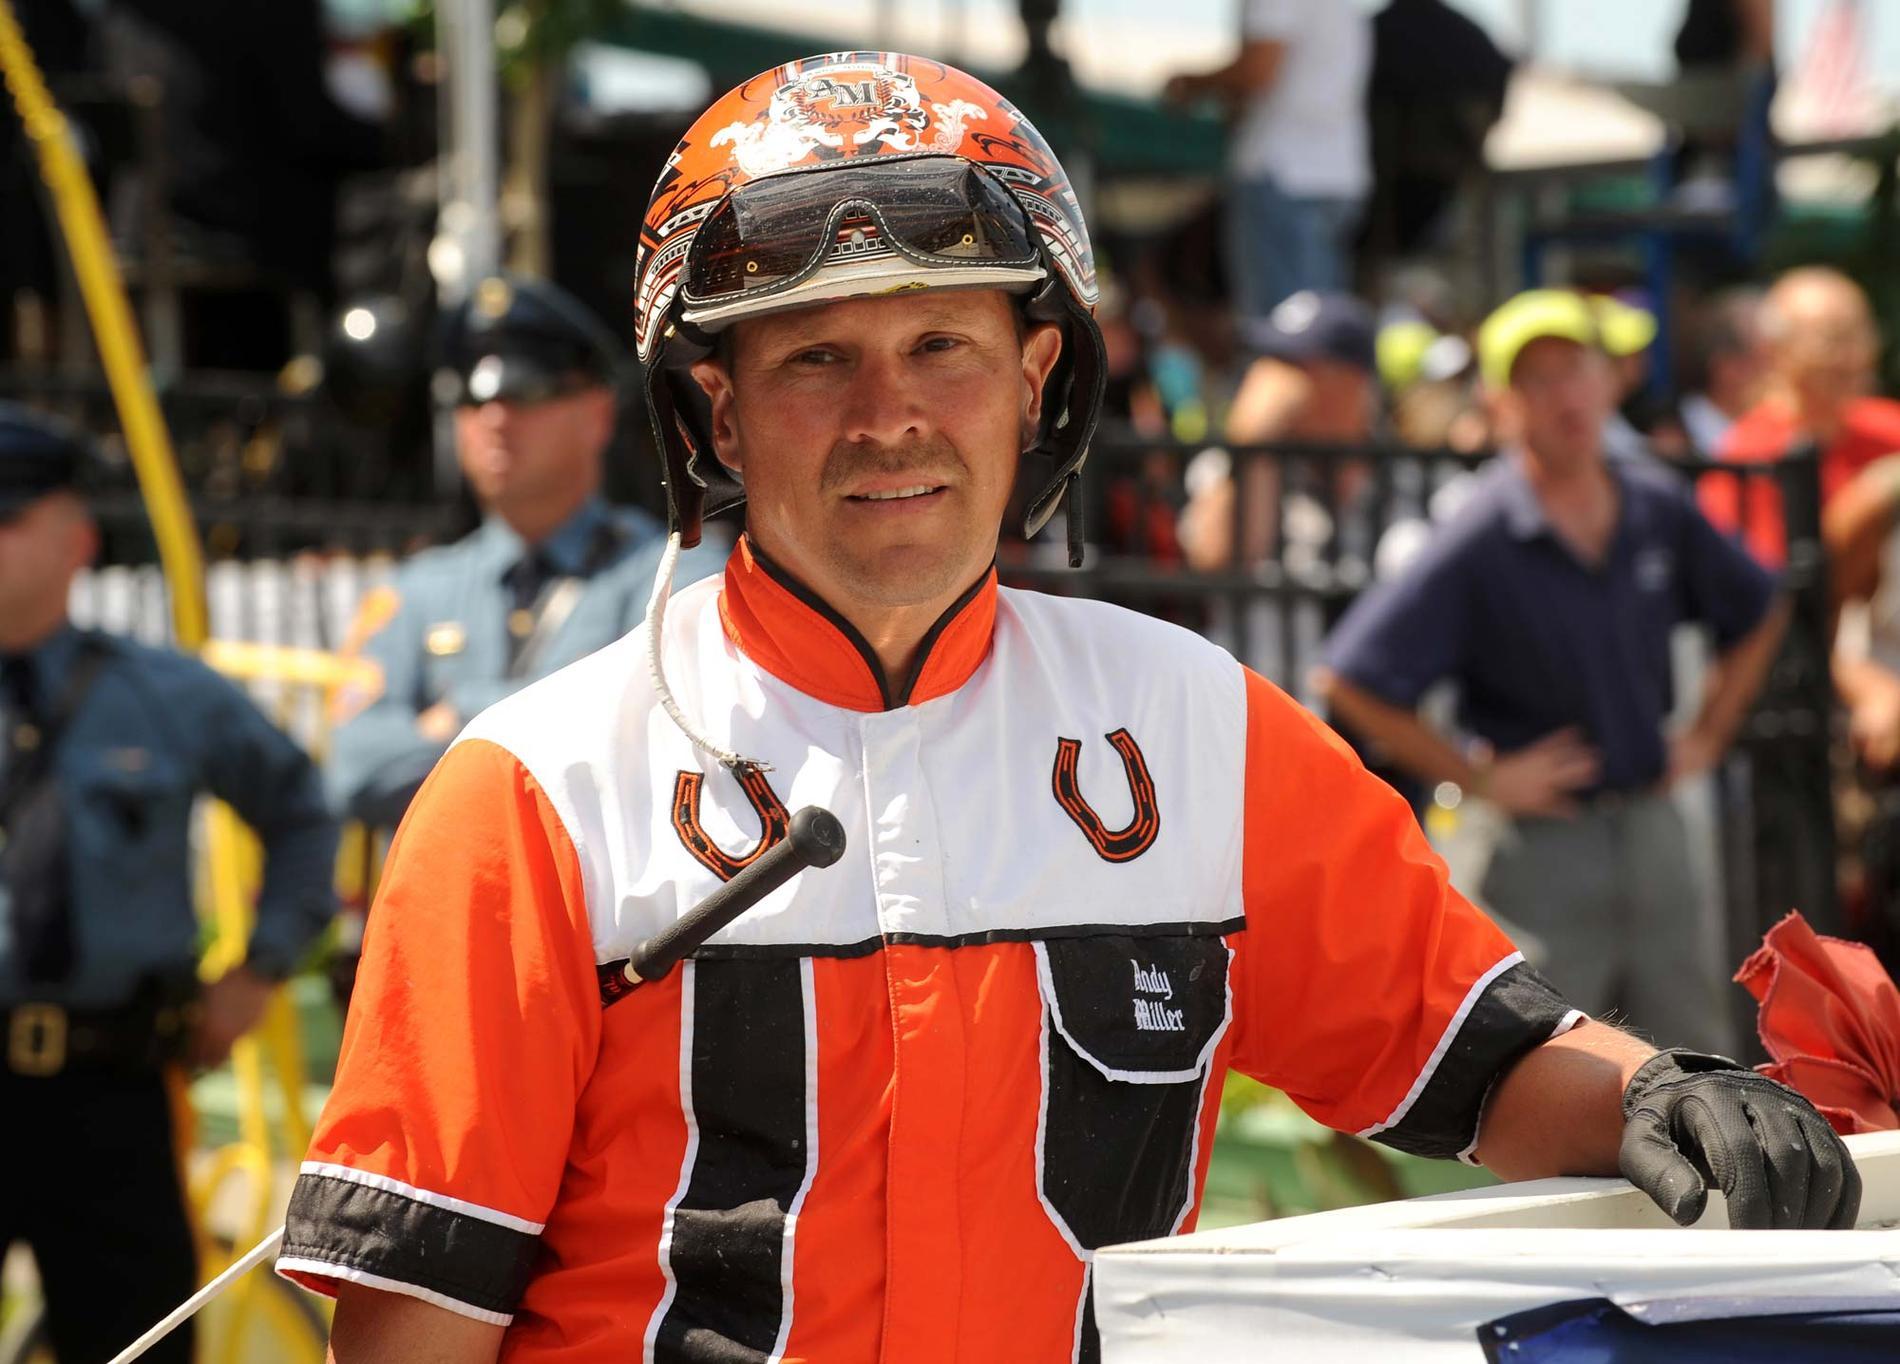 Den amerikanske stjärnkusken Andy Miller startade i Elitloppet 2010 med hästen Lucky Jim.